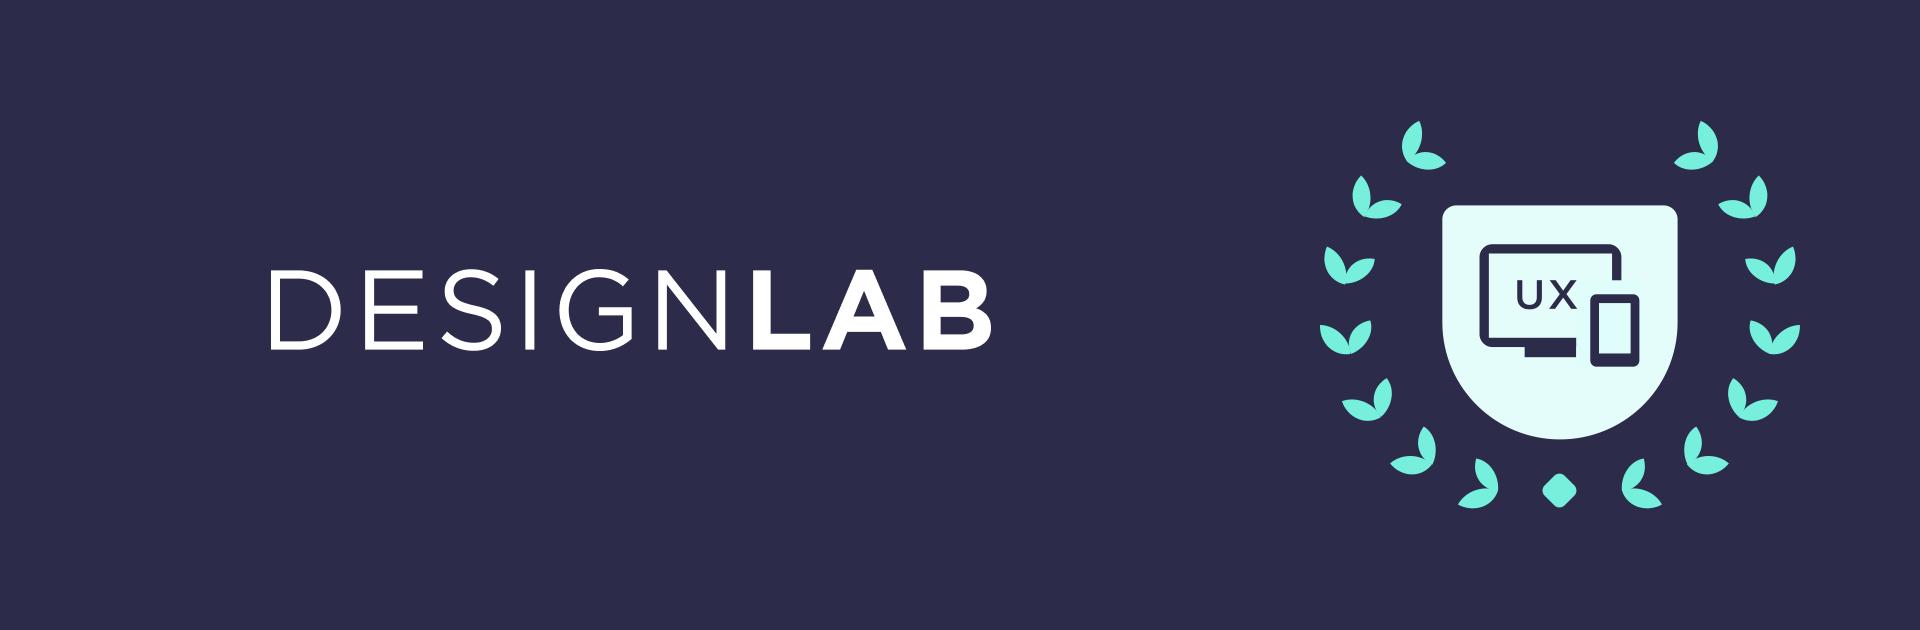 UX Academy at Designlab